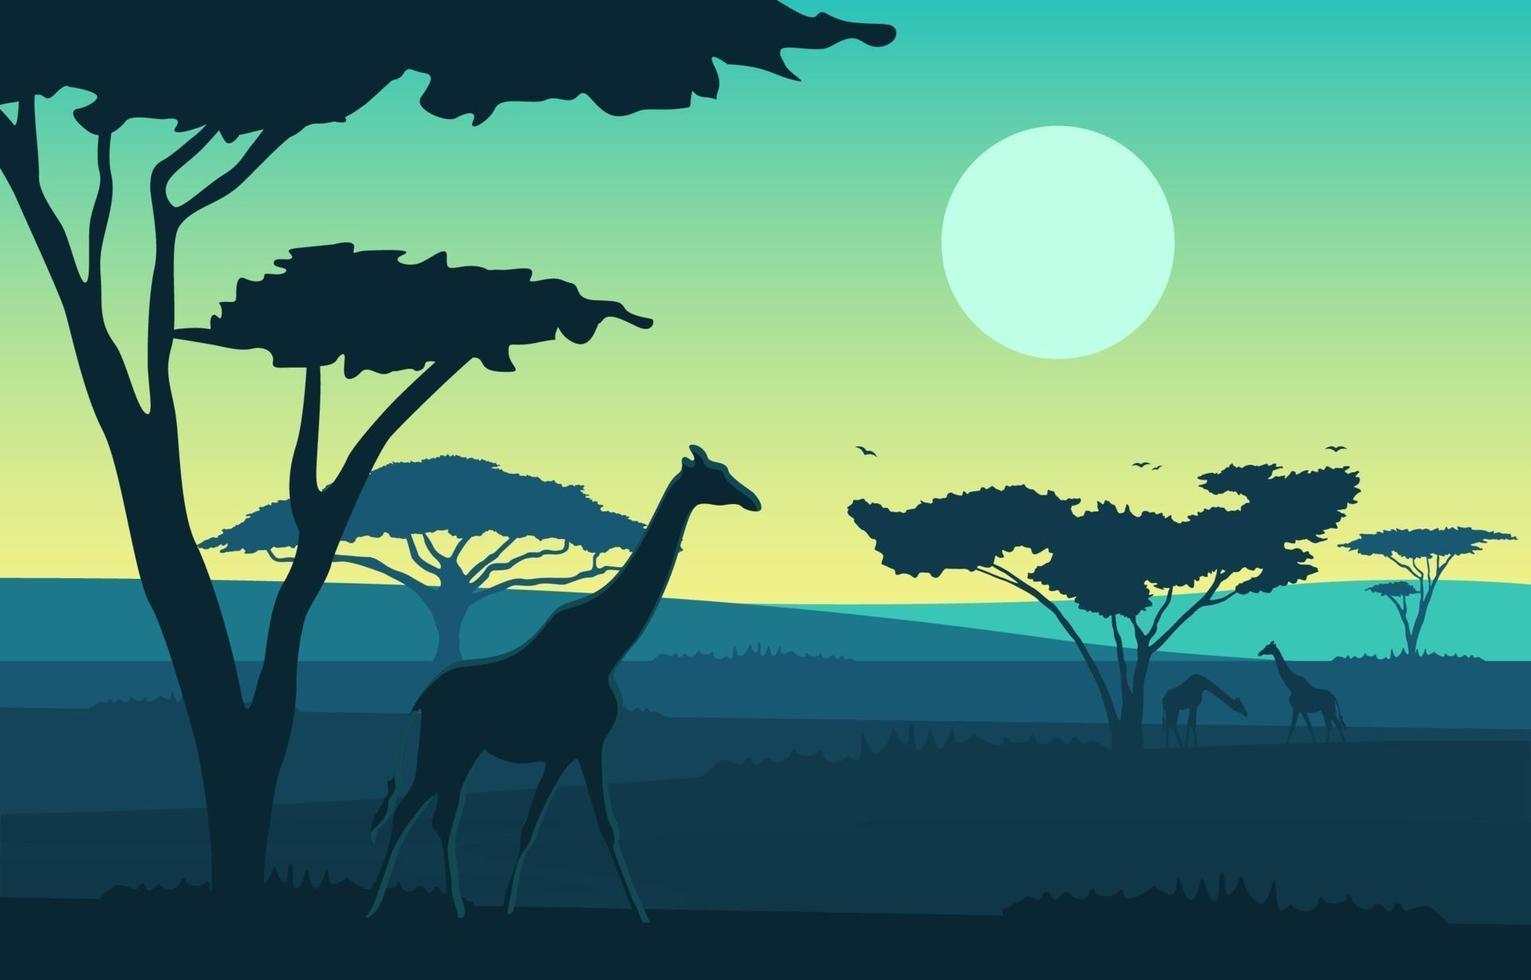 Giraffen in der afrikanischen Savannenlandschaftsillustration vektor